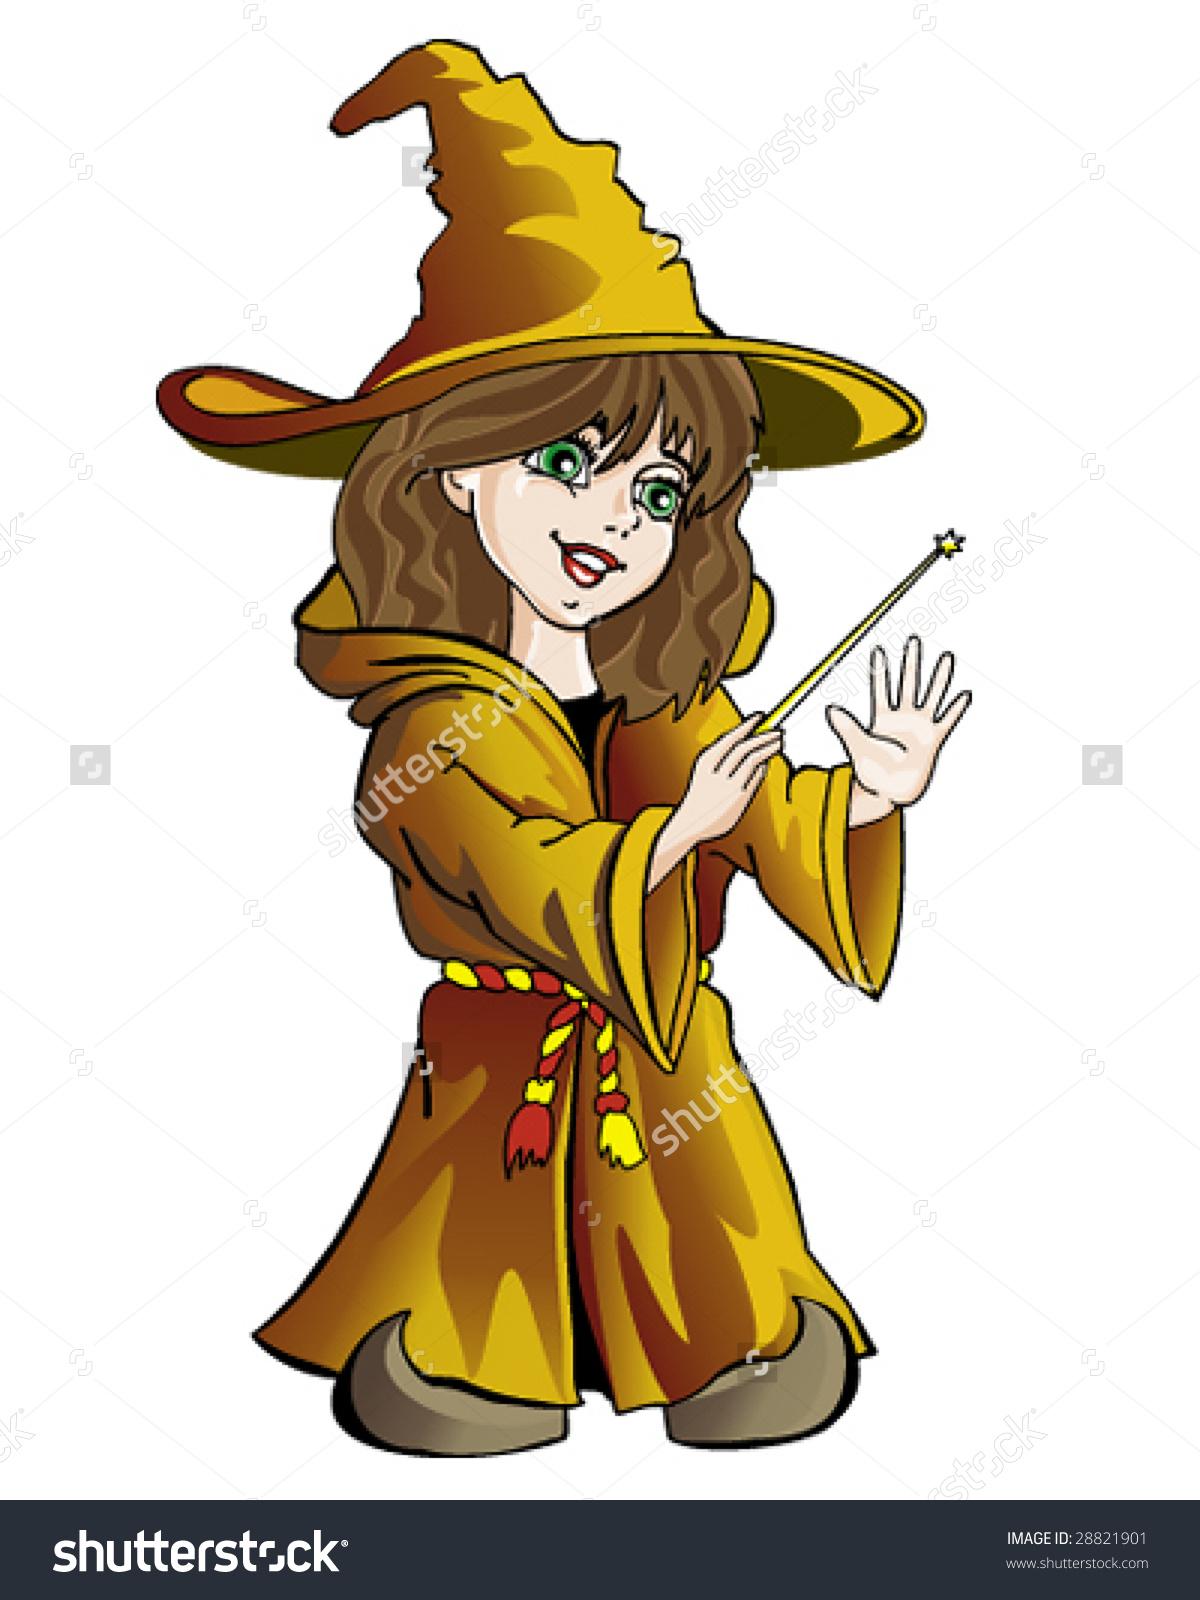 Sorceress Girl Stock Vector Illustration 28821901 : Shutterstock.